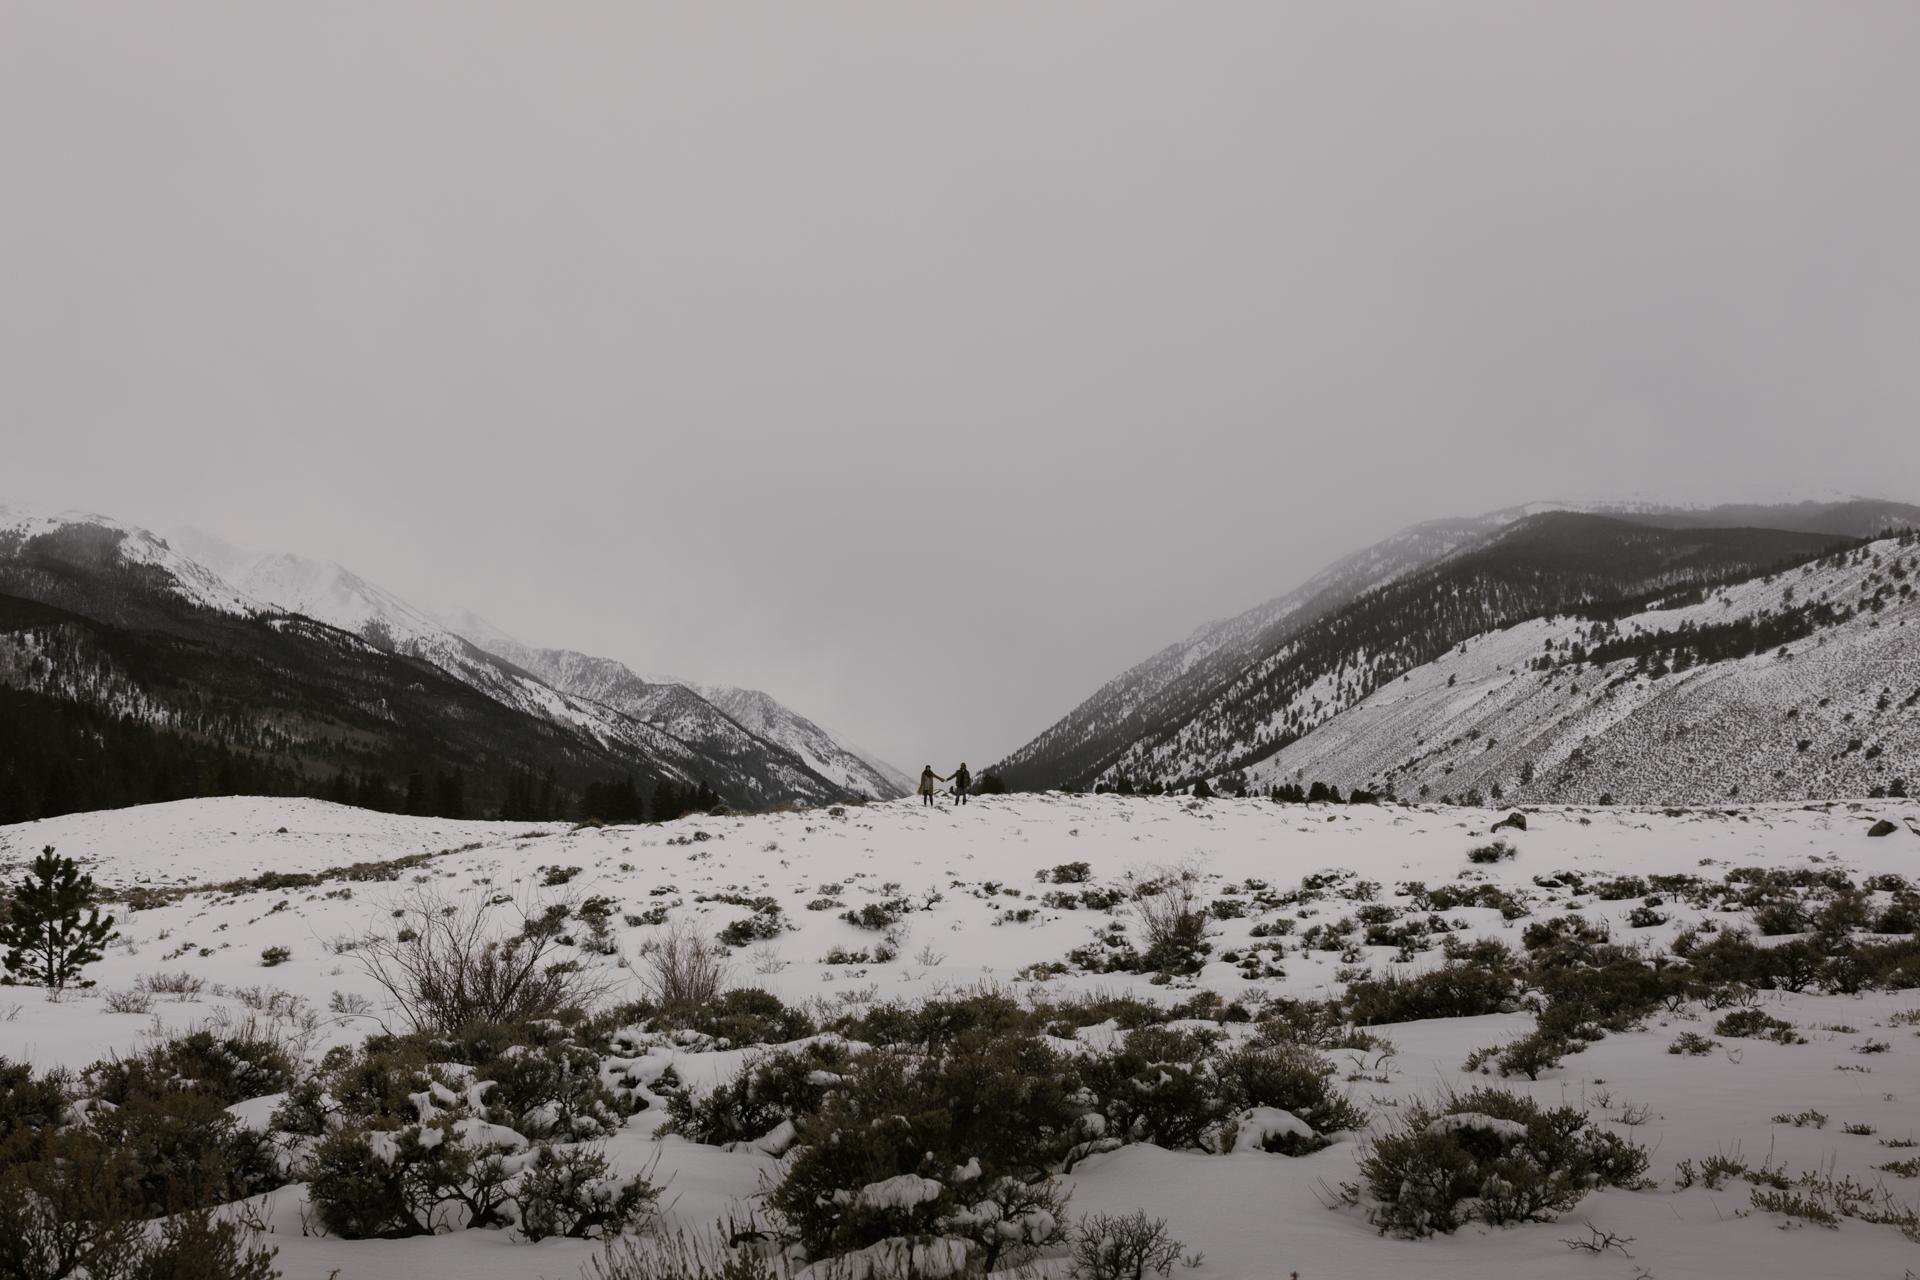 snowy-mountain-colorado-couples-shoot-19.jpg